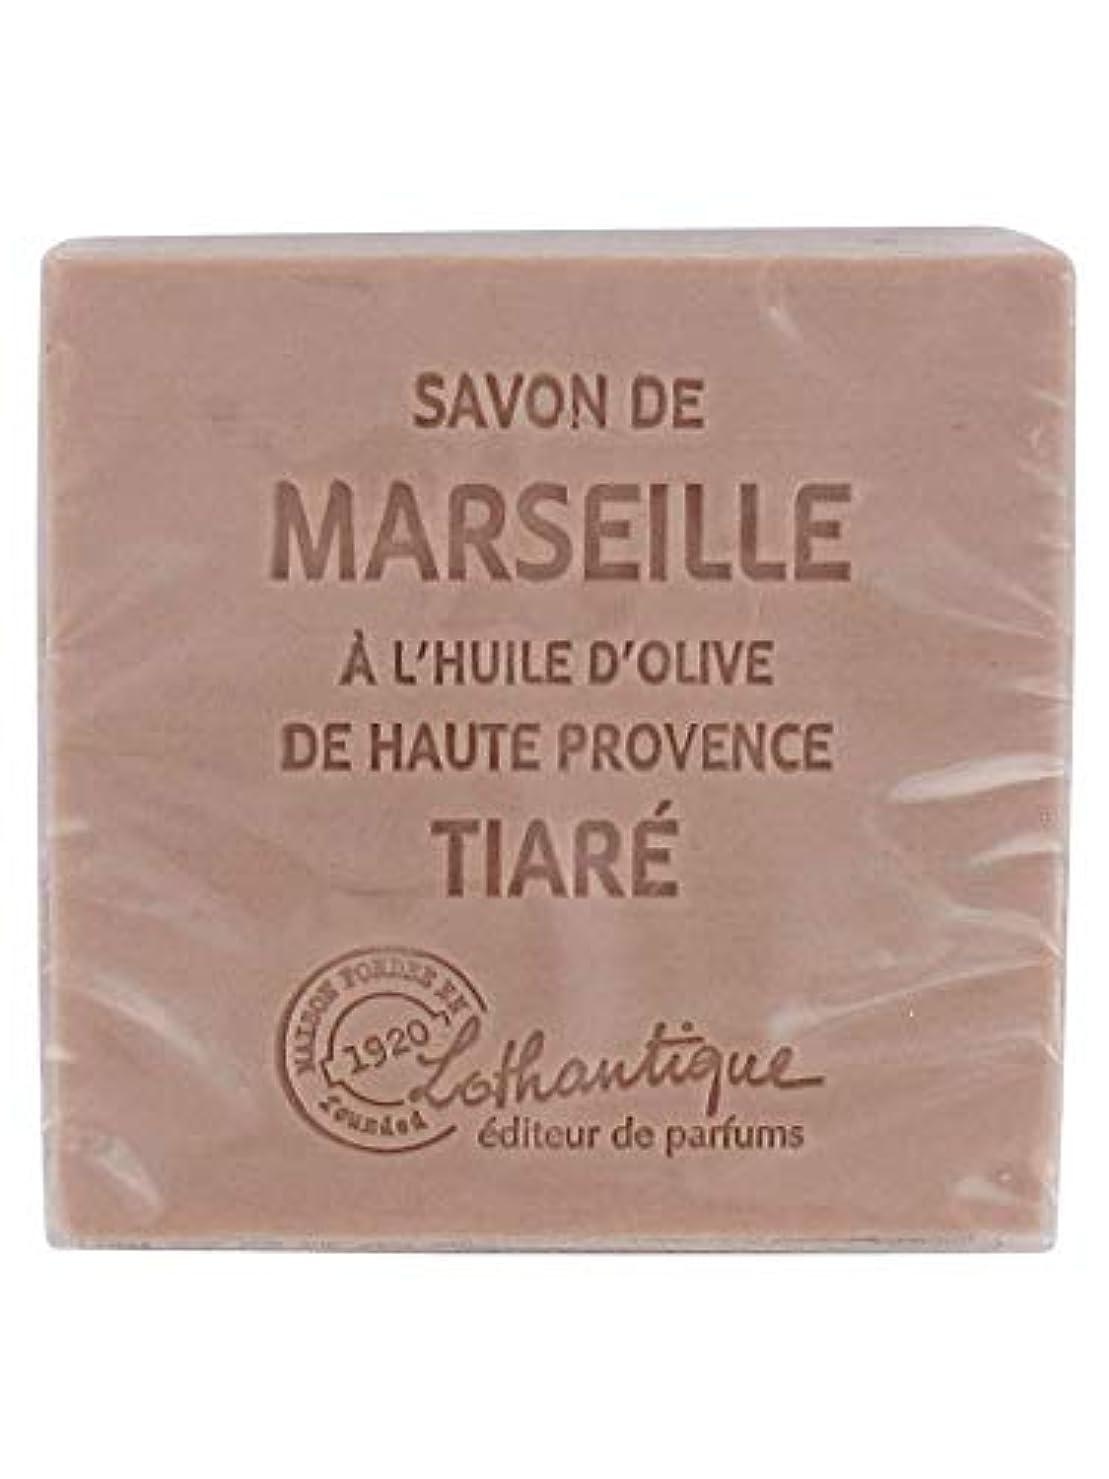 放散する突撃オゾンLothantique(ロタンティック) Les savons de Marseille(マルセイユソープ) マルセイユソープ 100g 「ティアラ」 3420070038098